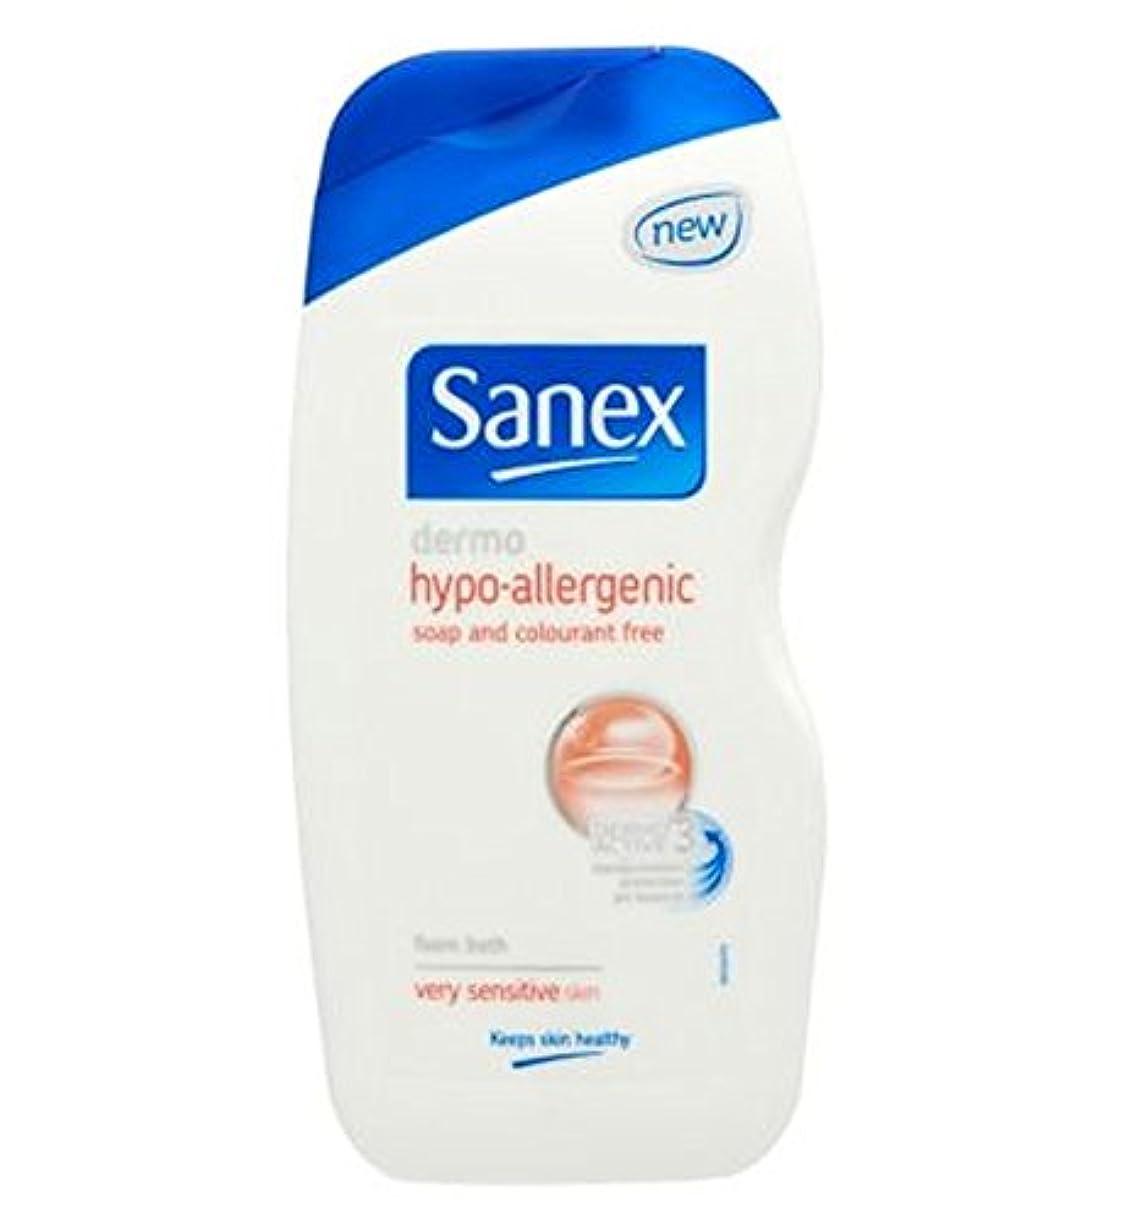 謙虚縞模様の番号Sanex Dermo Hypo Allergenic Very Sensitive Skin Foam Bath 500ml - Sanex真皮ハイポアレルギーの非常に敏感肌の泡風呂500ミリリットル (Sanex)...